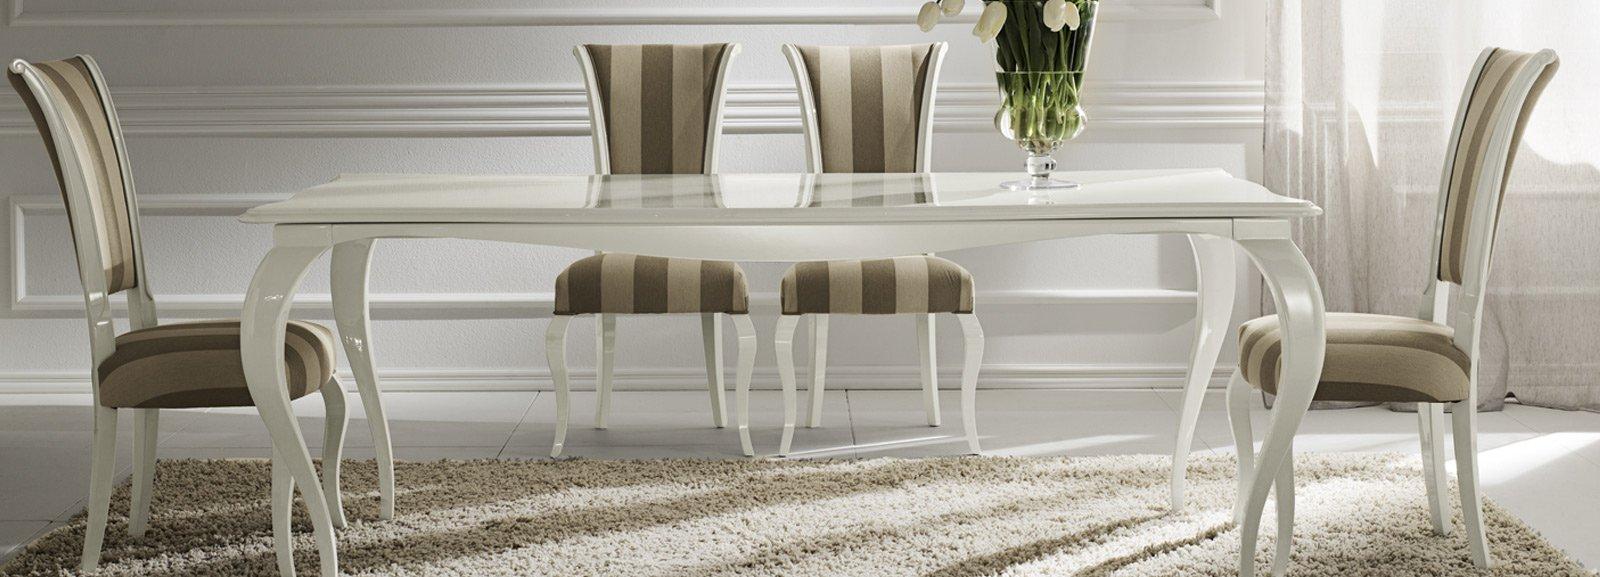 Sedie classiche non le classiche sedie cose di casa for Sedie classiche